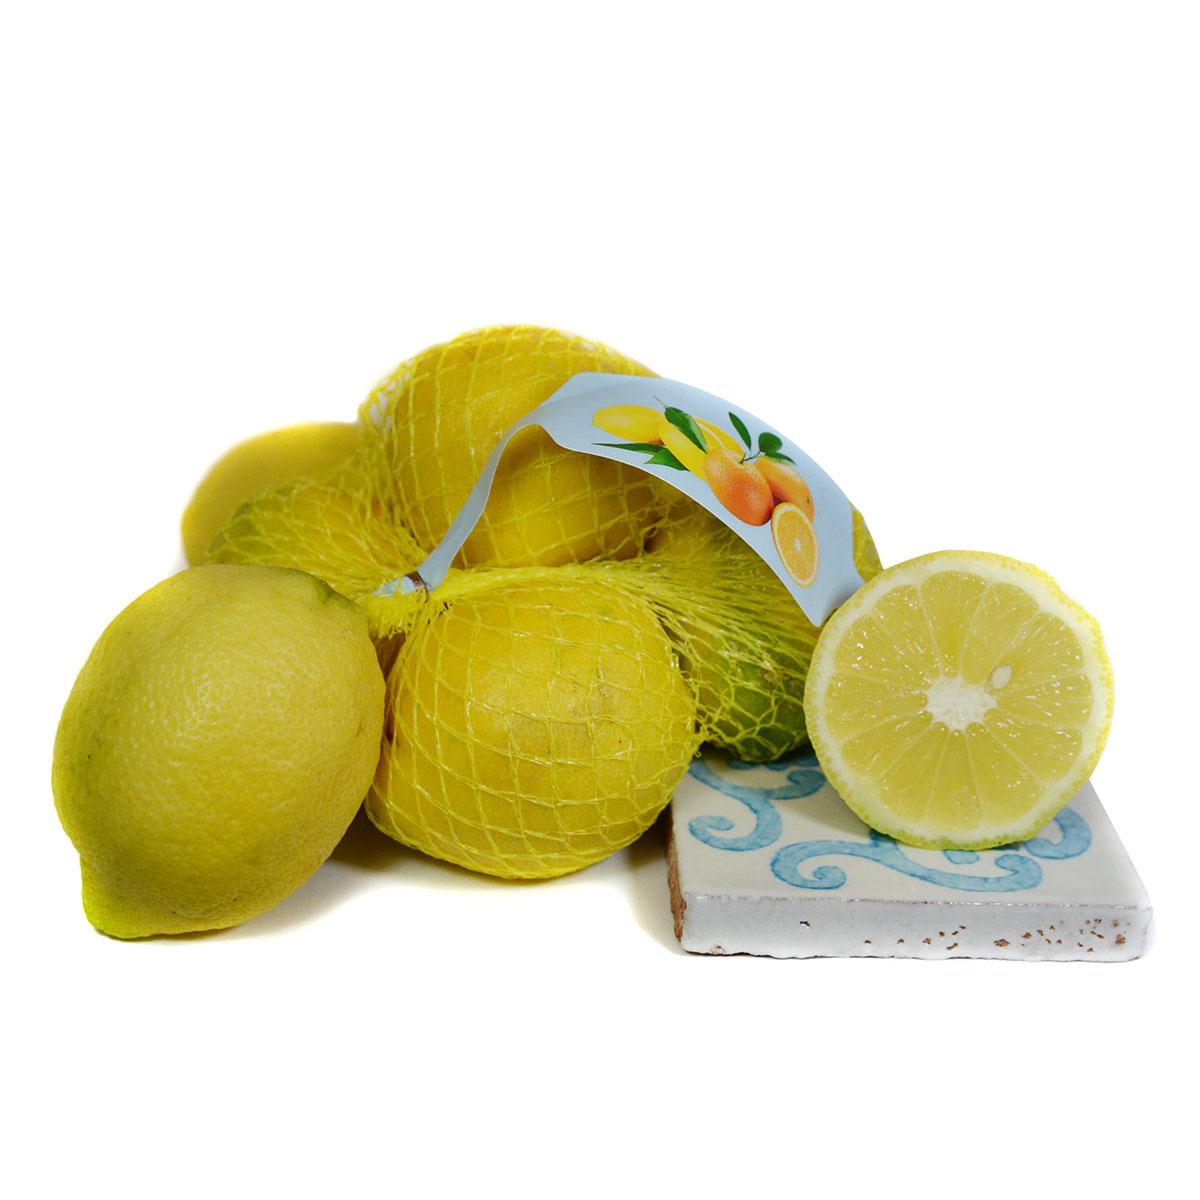 Limoni biologici di Sicilia con buccia edibile